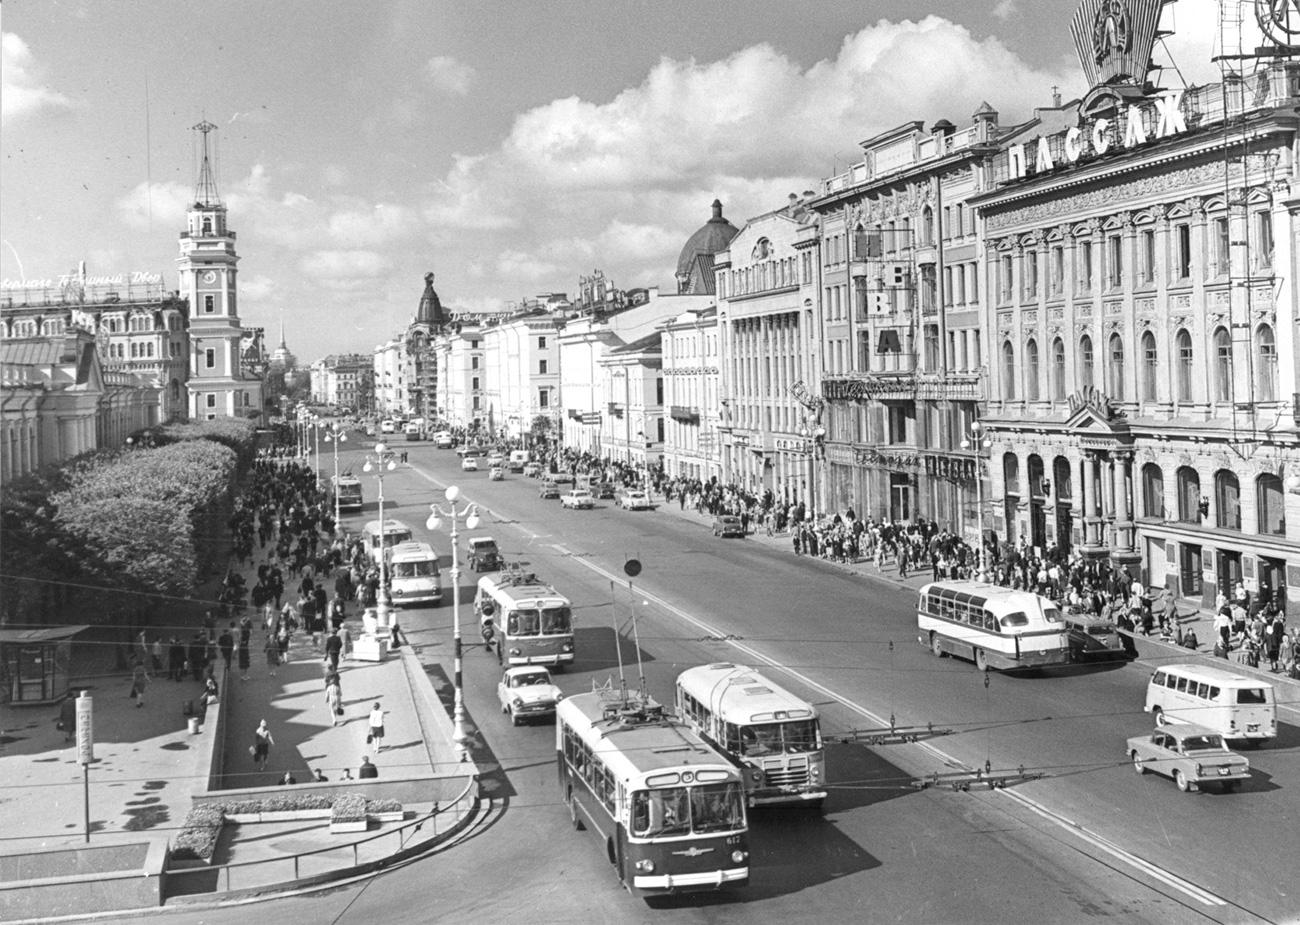 As fotografias do acervo, tiradas por fotojornalistas da época soviética, estão agora disponíveis na internet, com acesso gratuito para uso editorial ou comercial.